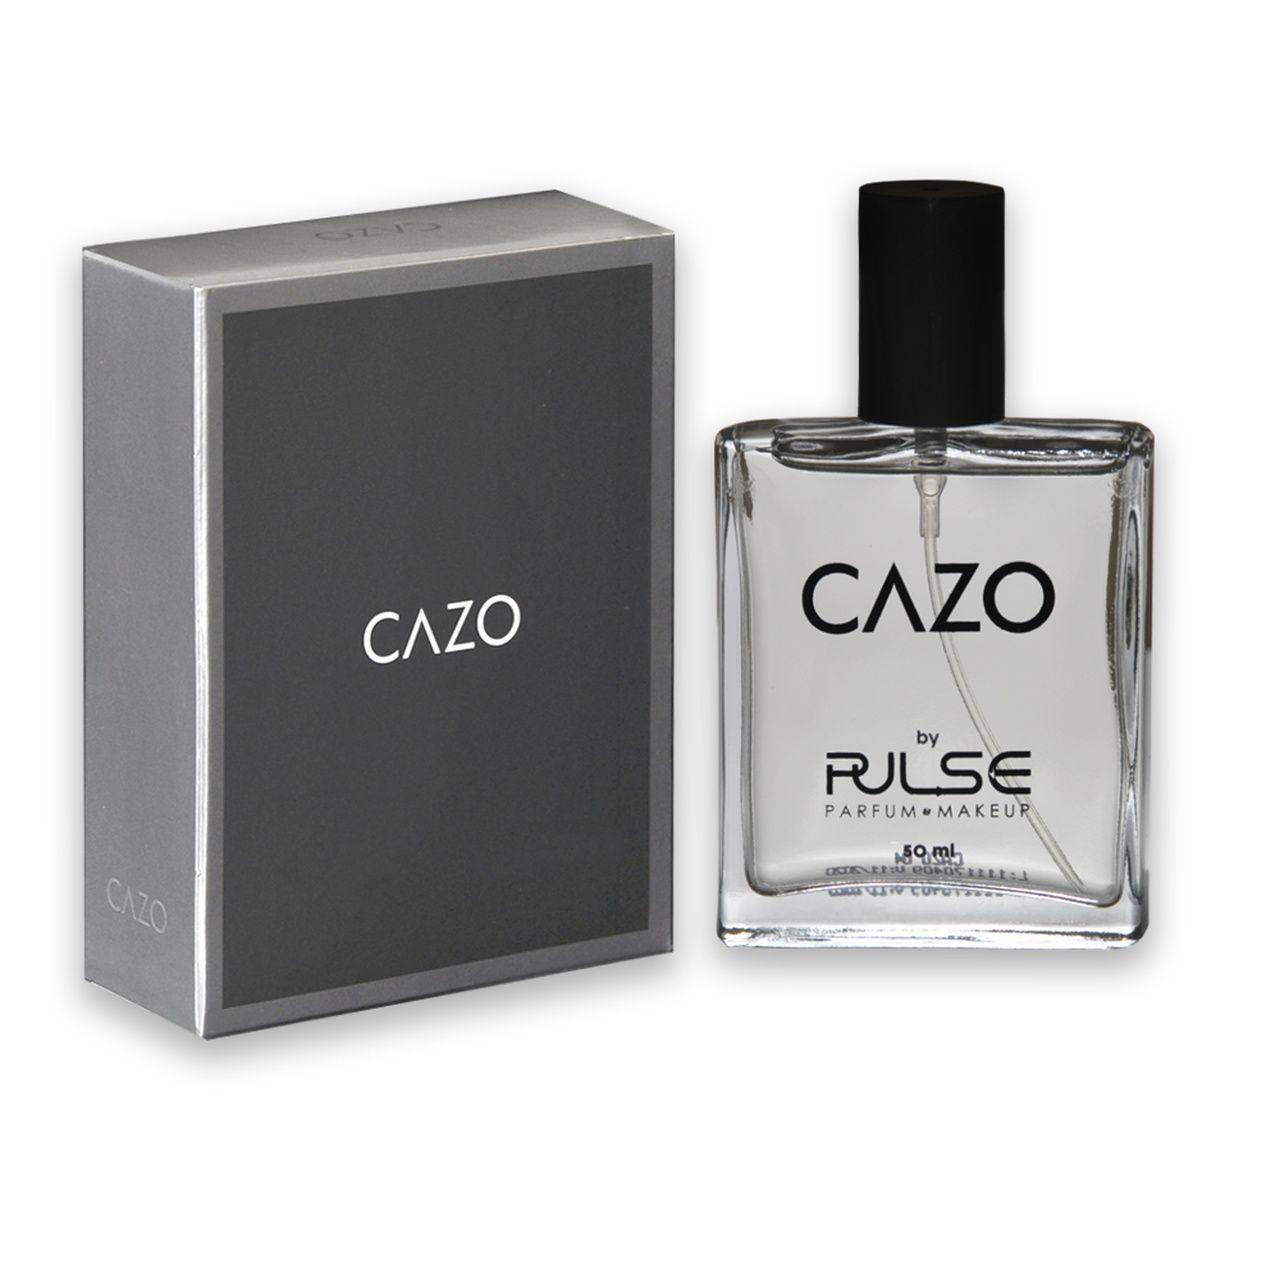 CAZO 40 - 50ml